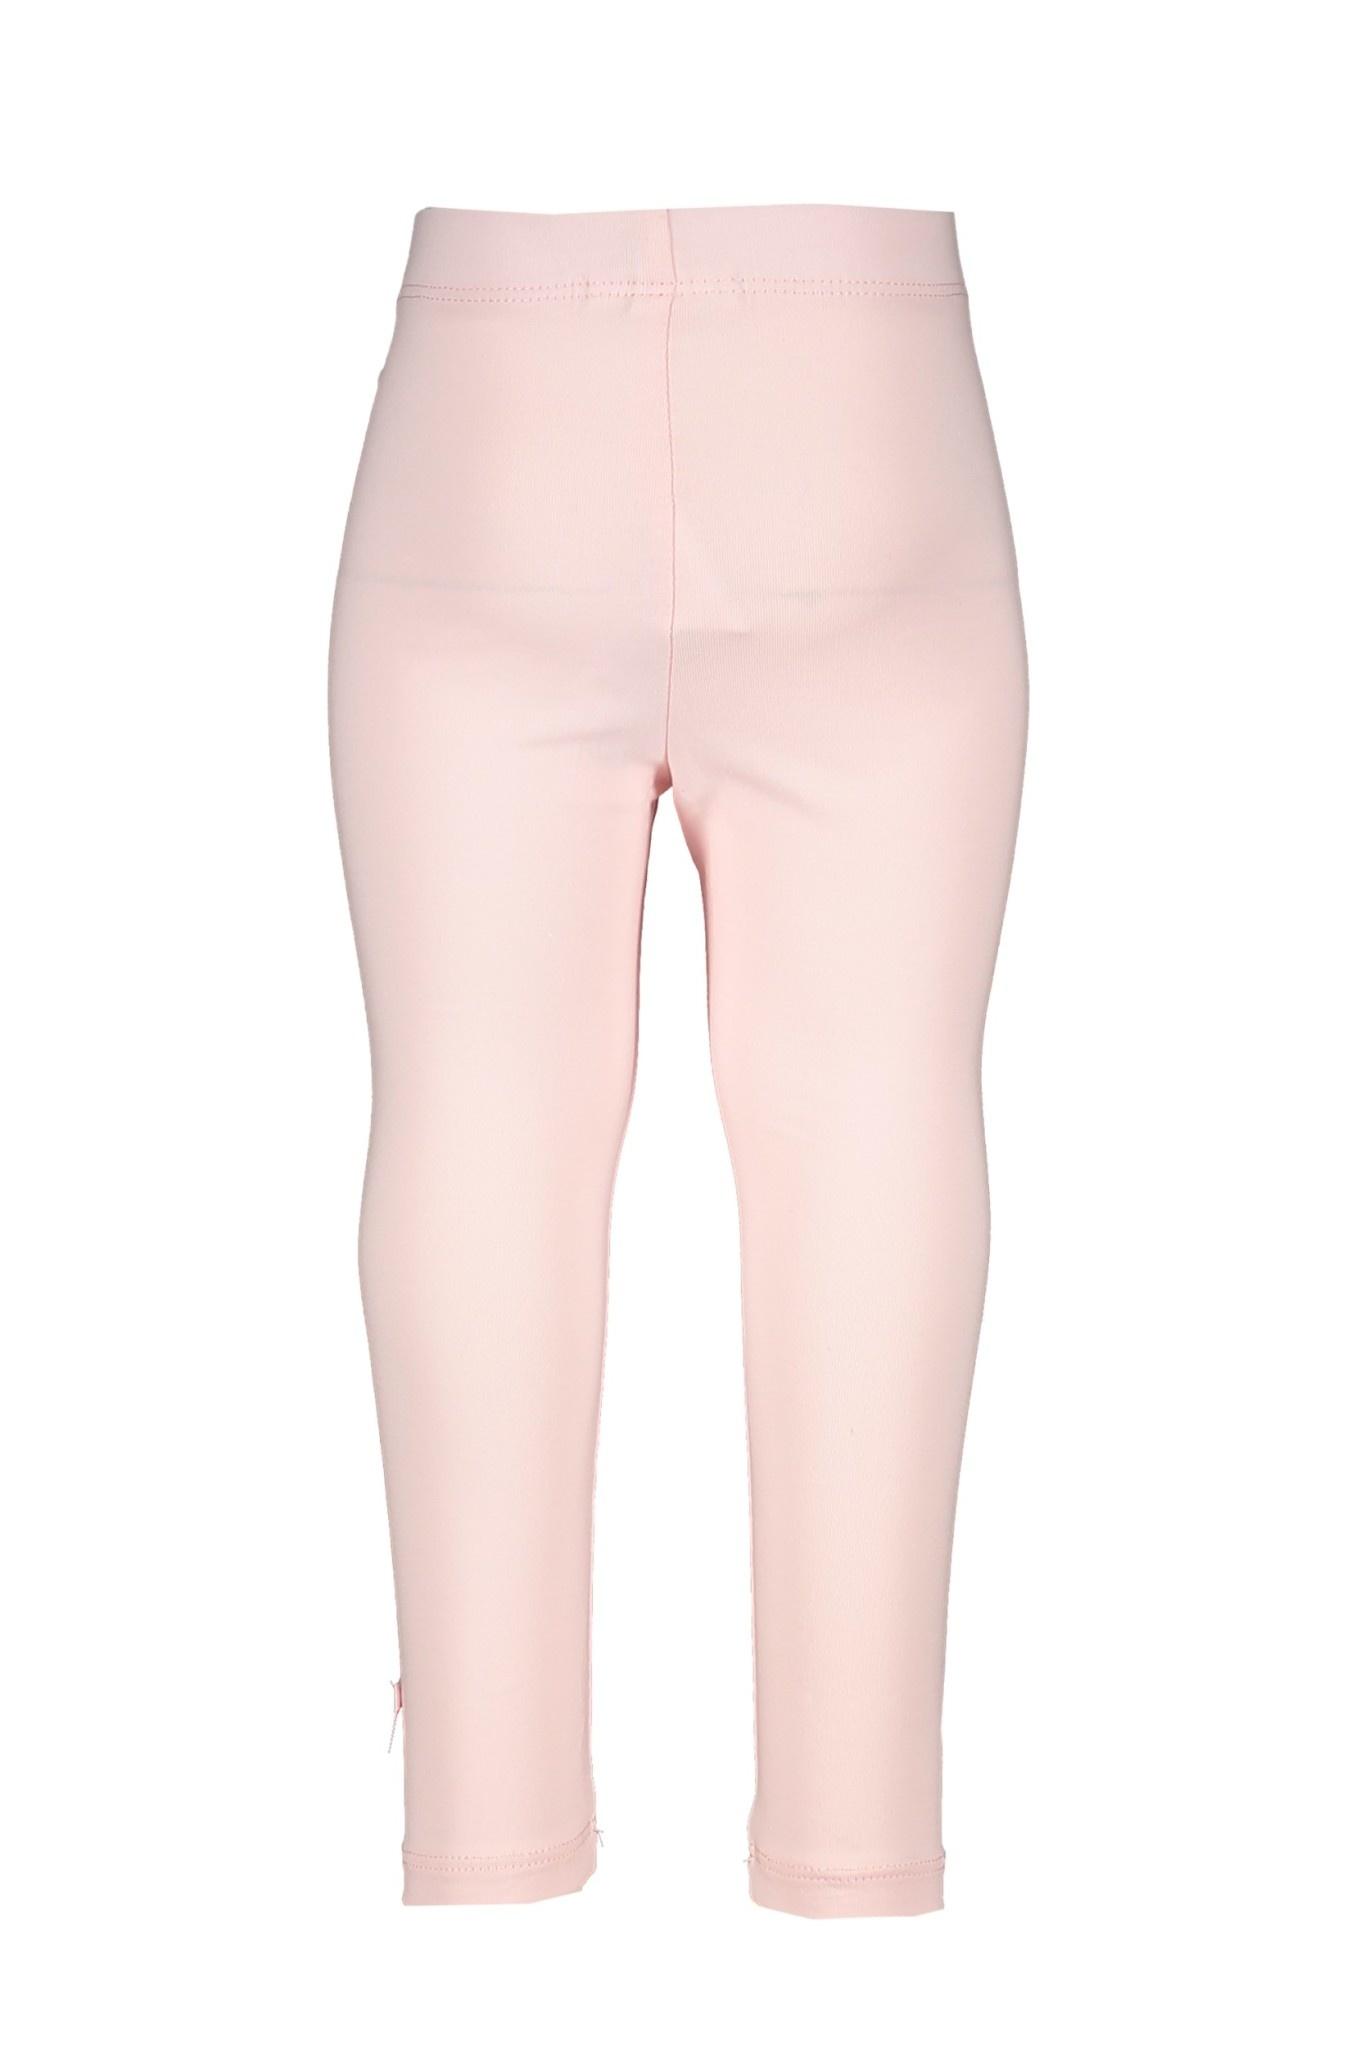 Lechic LeChic Pink RhinestoneLeggings